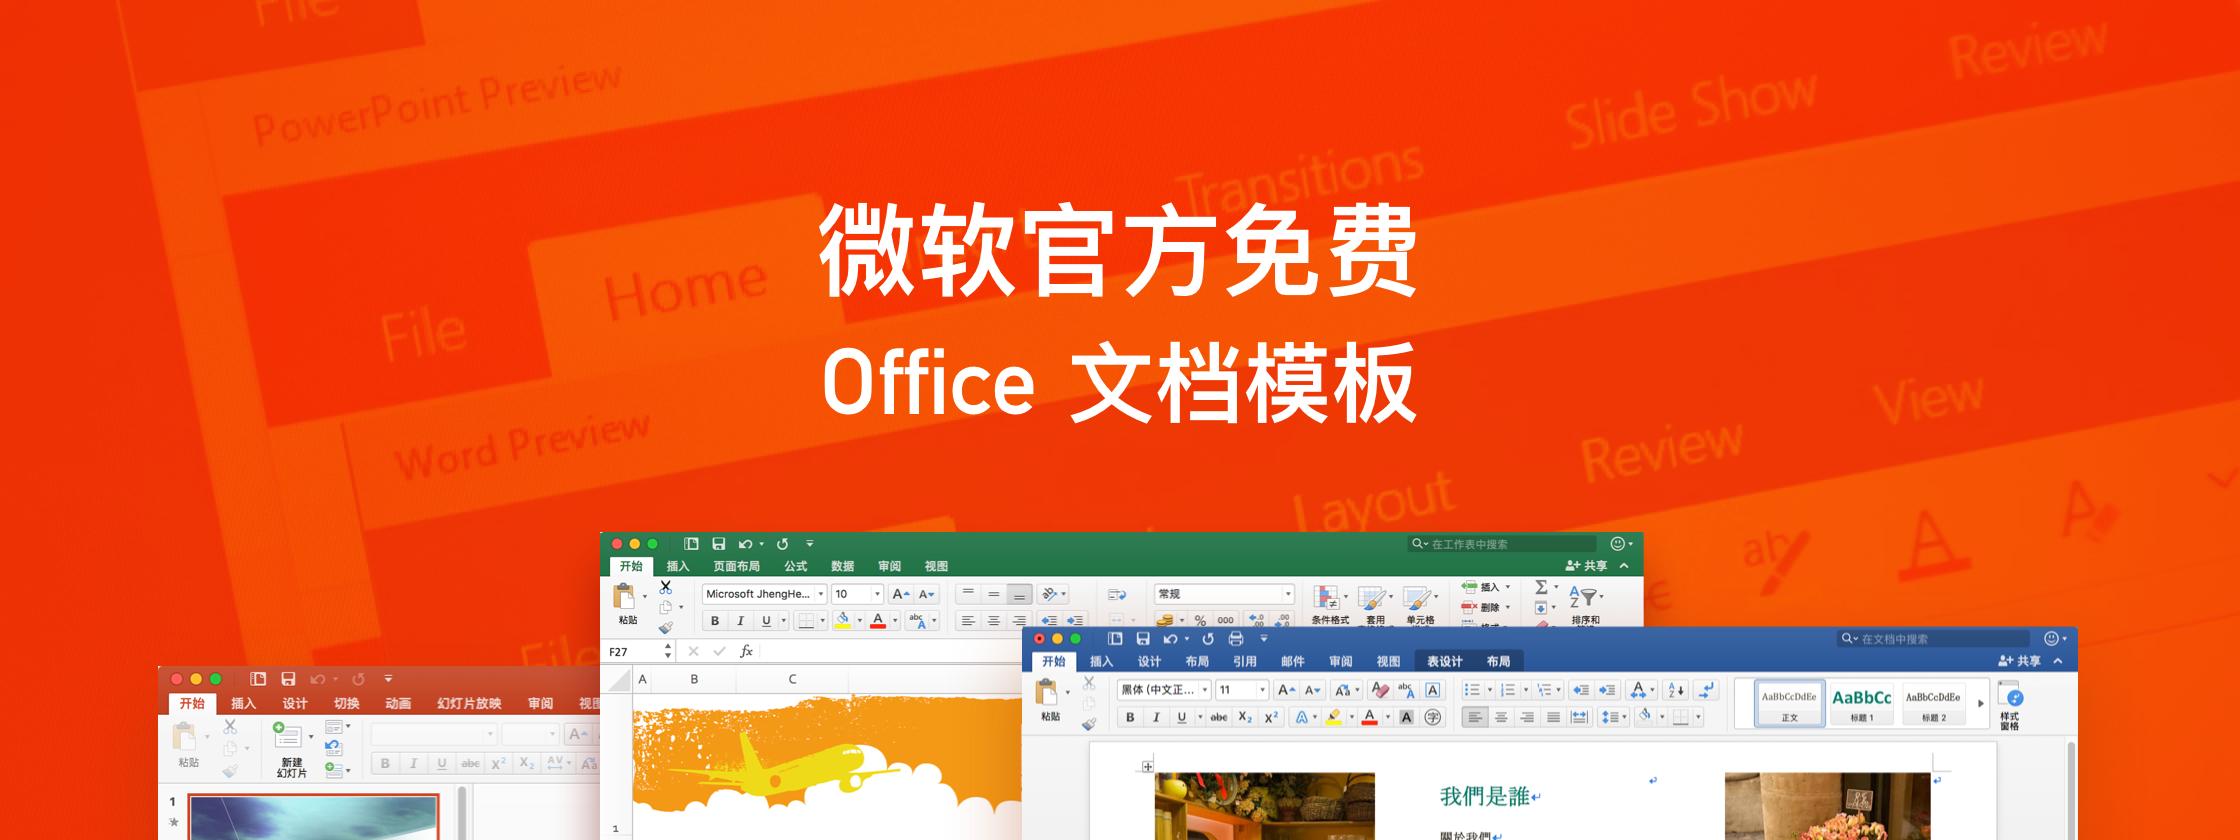 微软官方的免费 Office 文档模板,拿好不谢